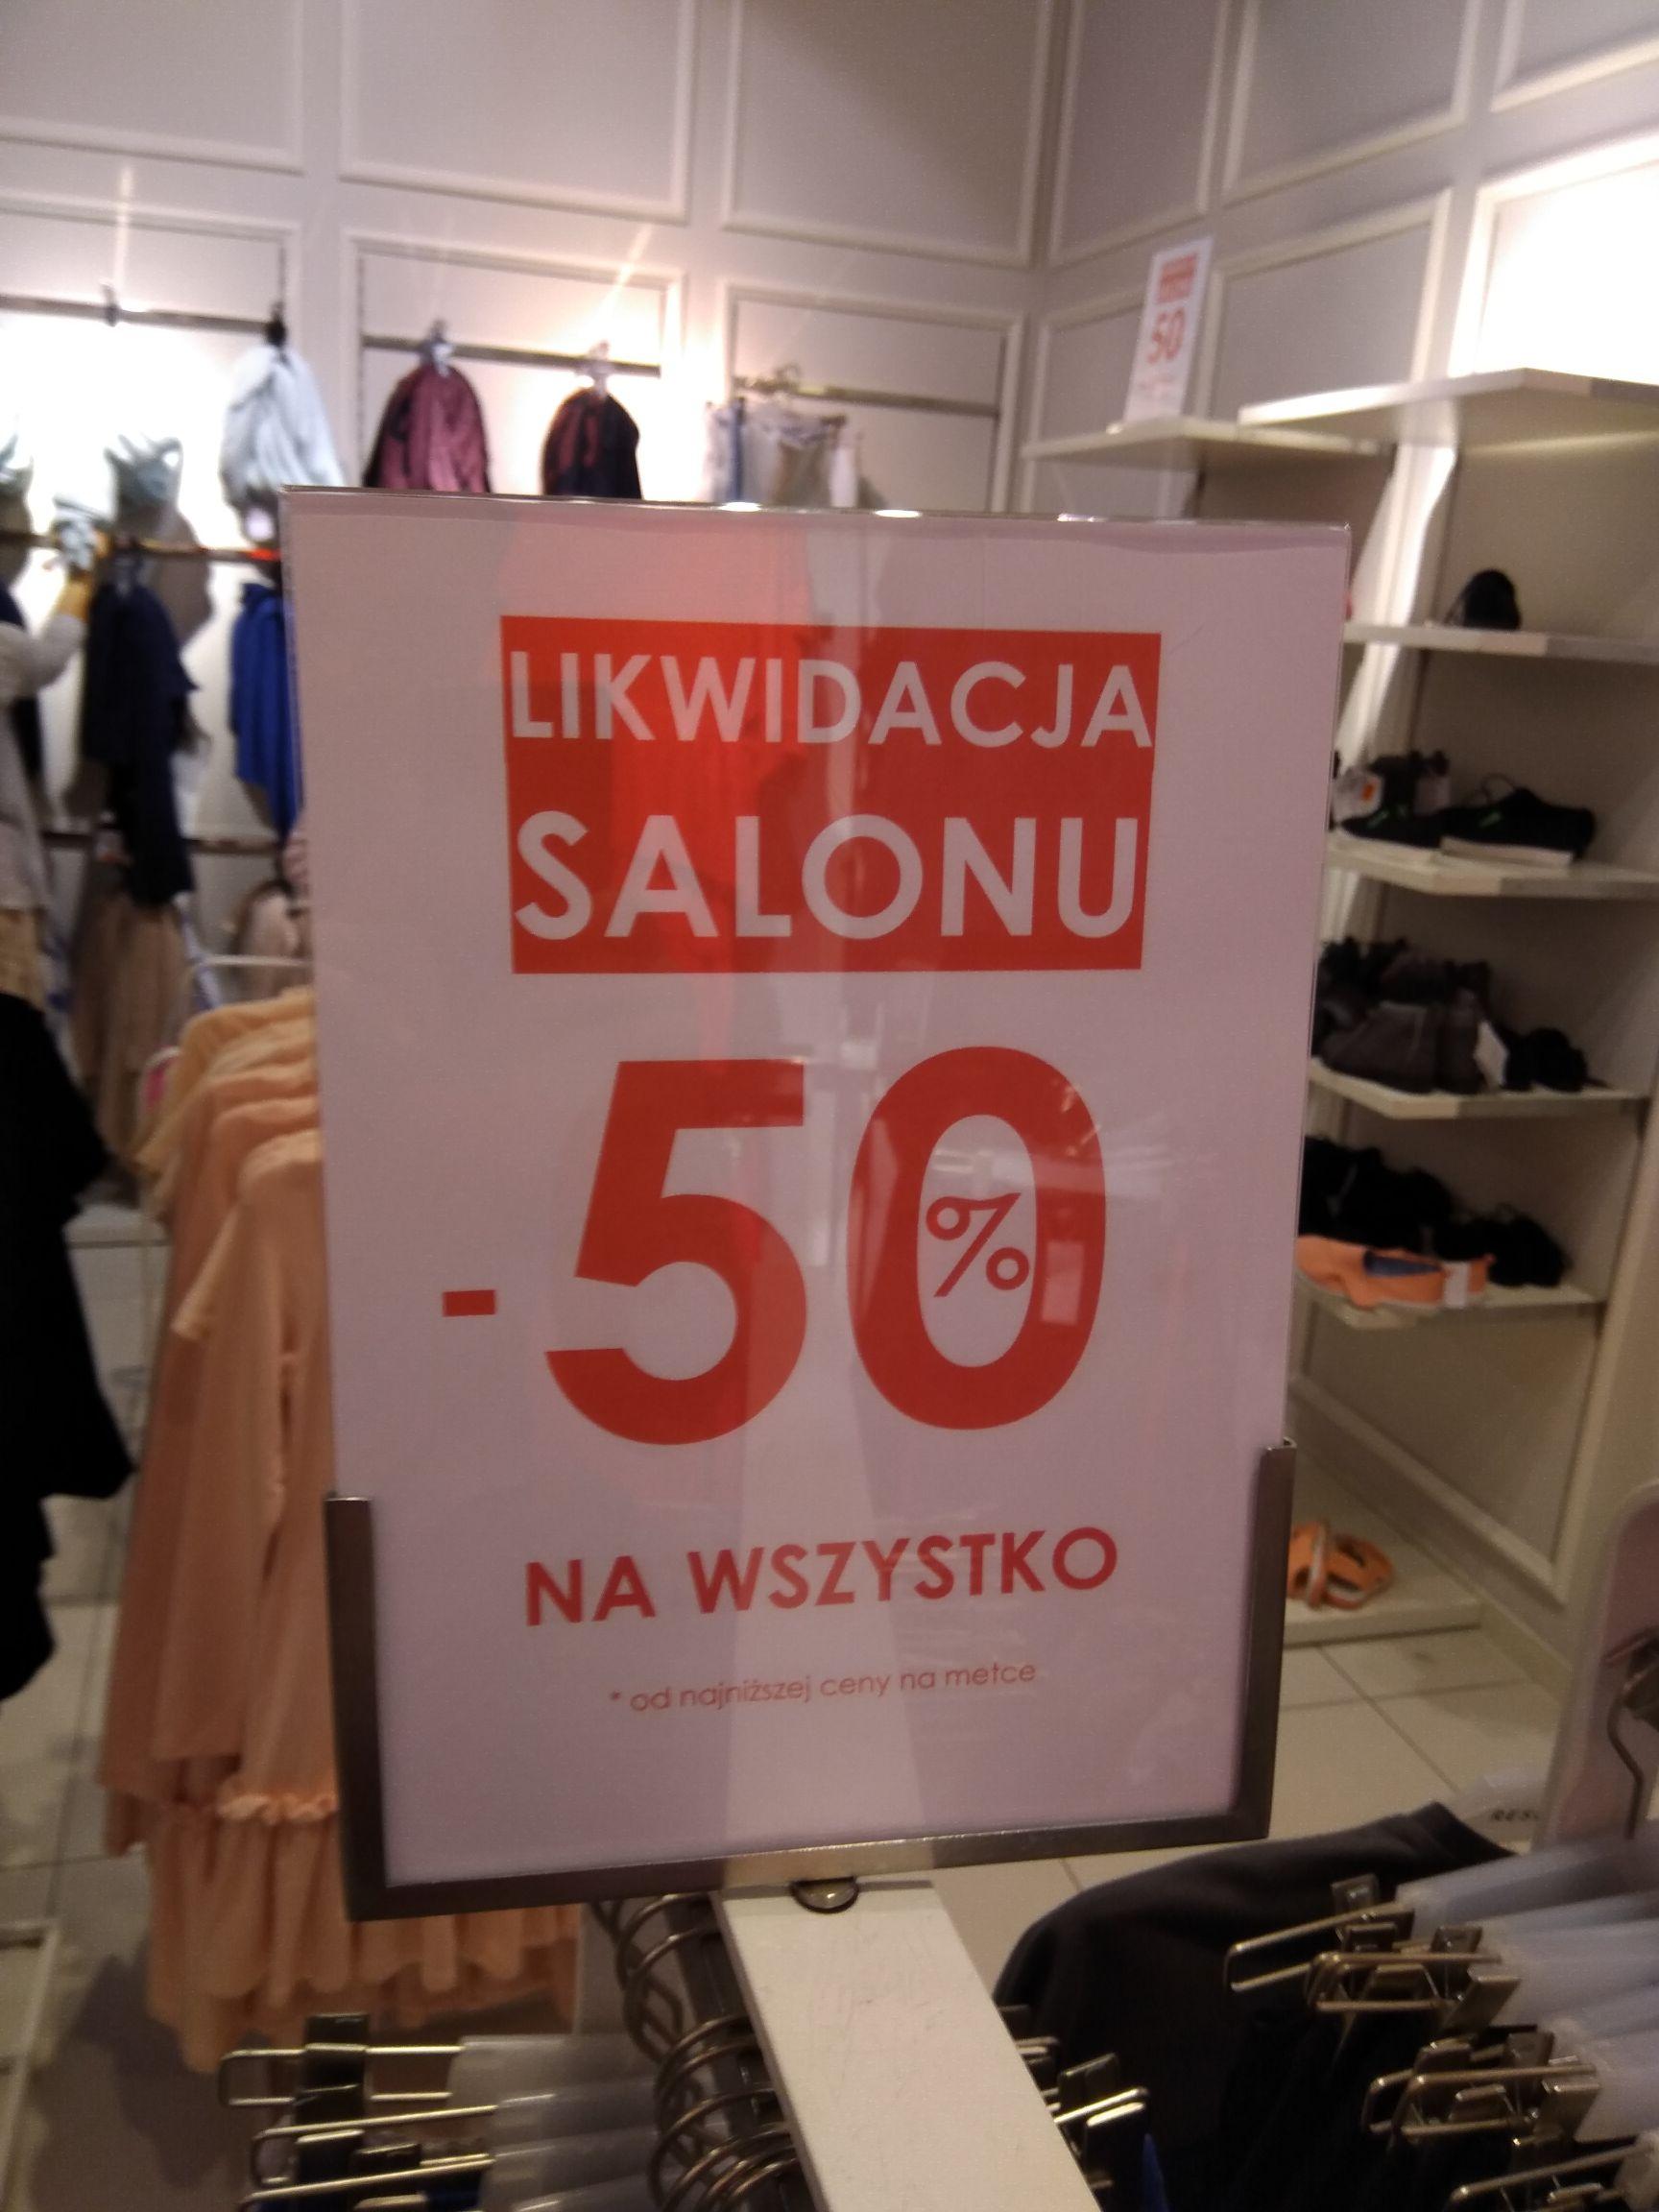 Wrocław Factory Reserved likwidacja, -50% od najniższej ceny